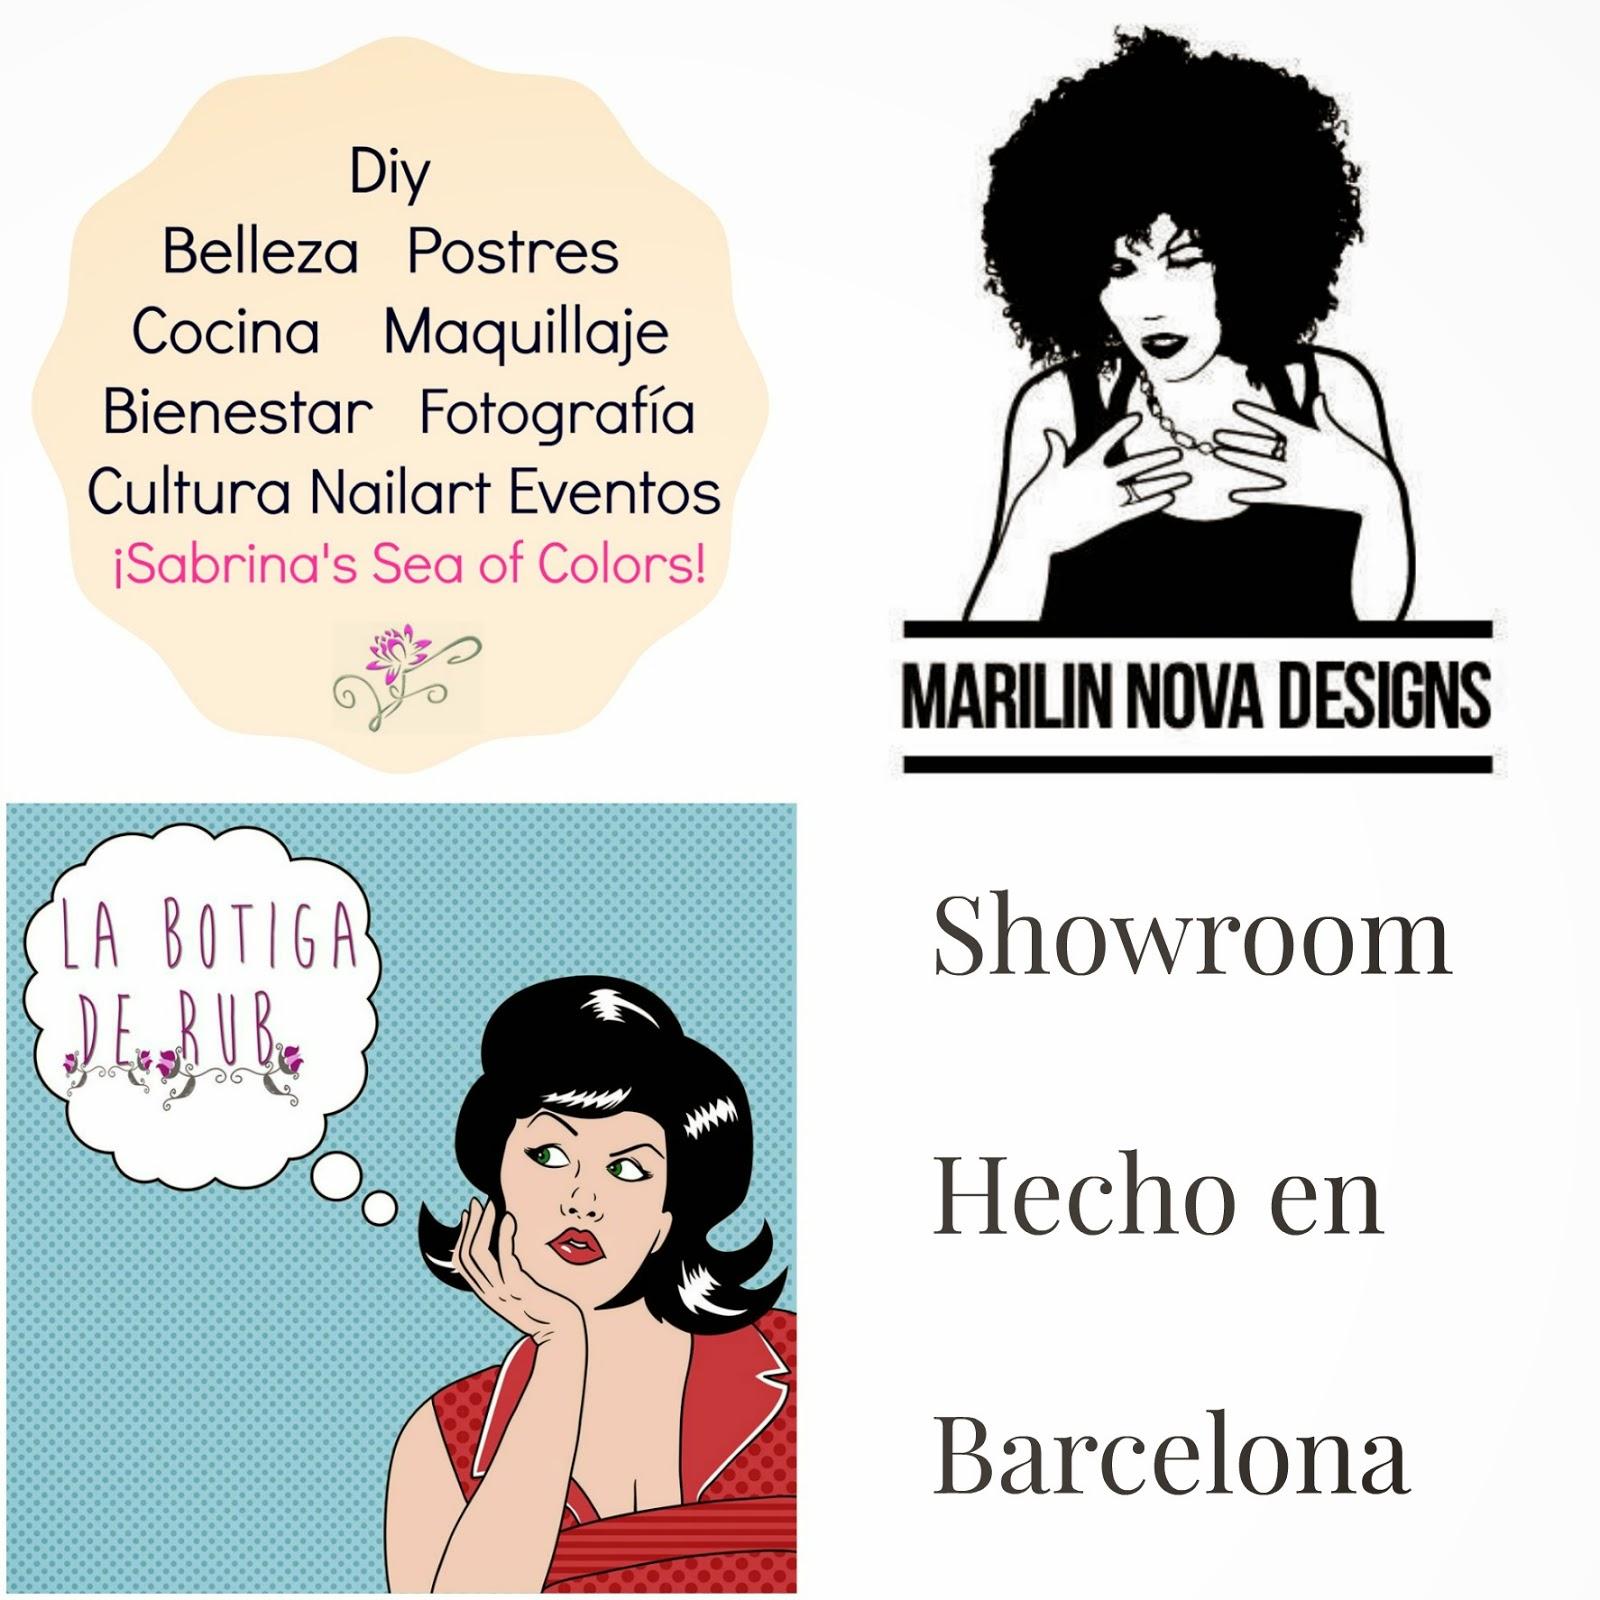 Showroom Hecho en Barcelona